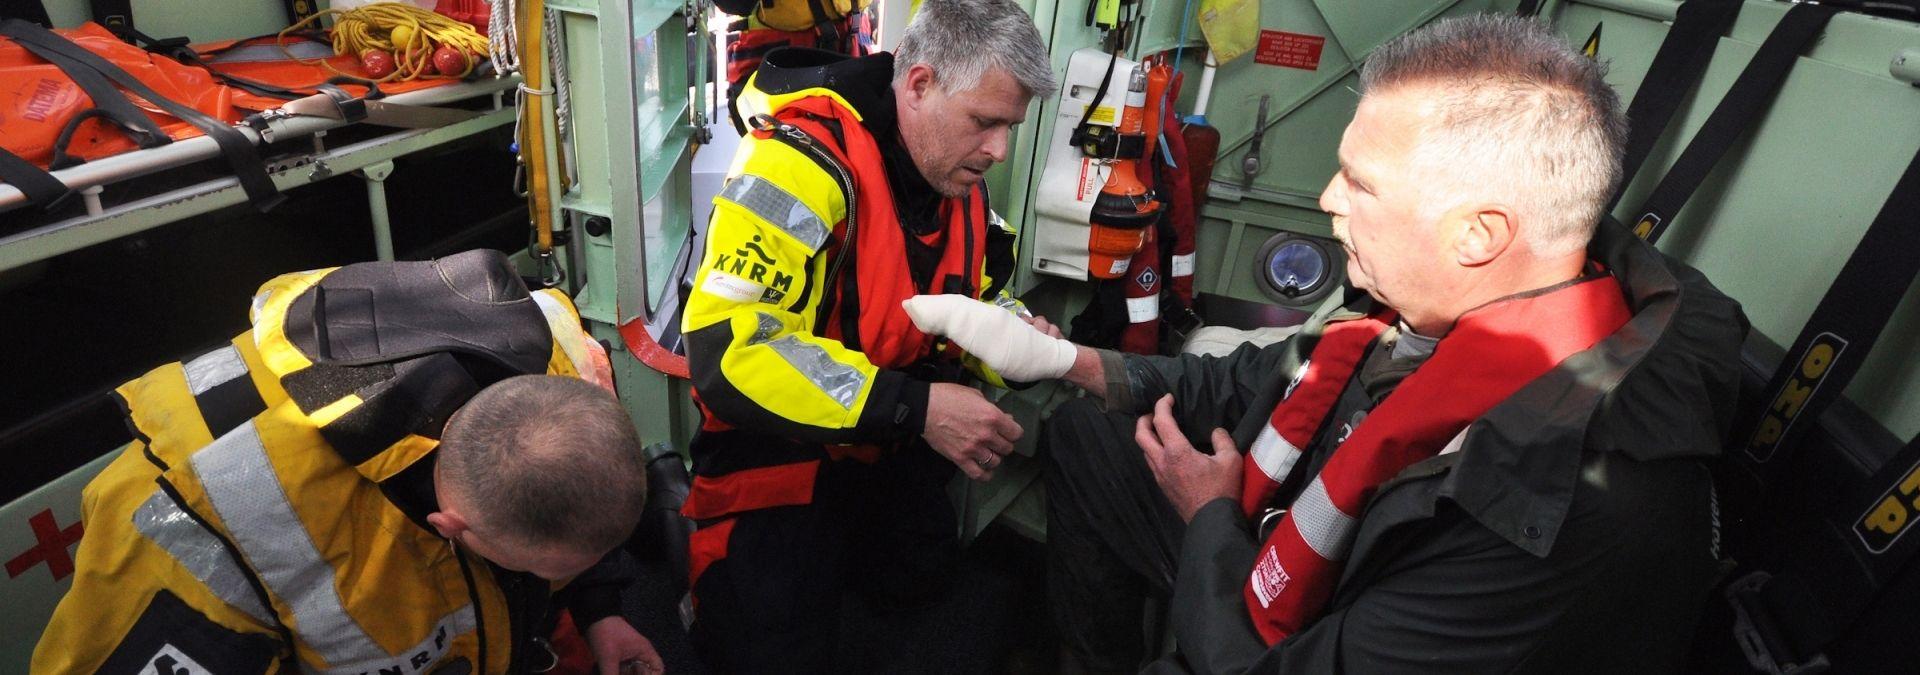 KNRM ehbo oefening op reddingboot | Foto: Mario Rentmeester